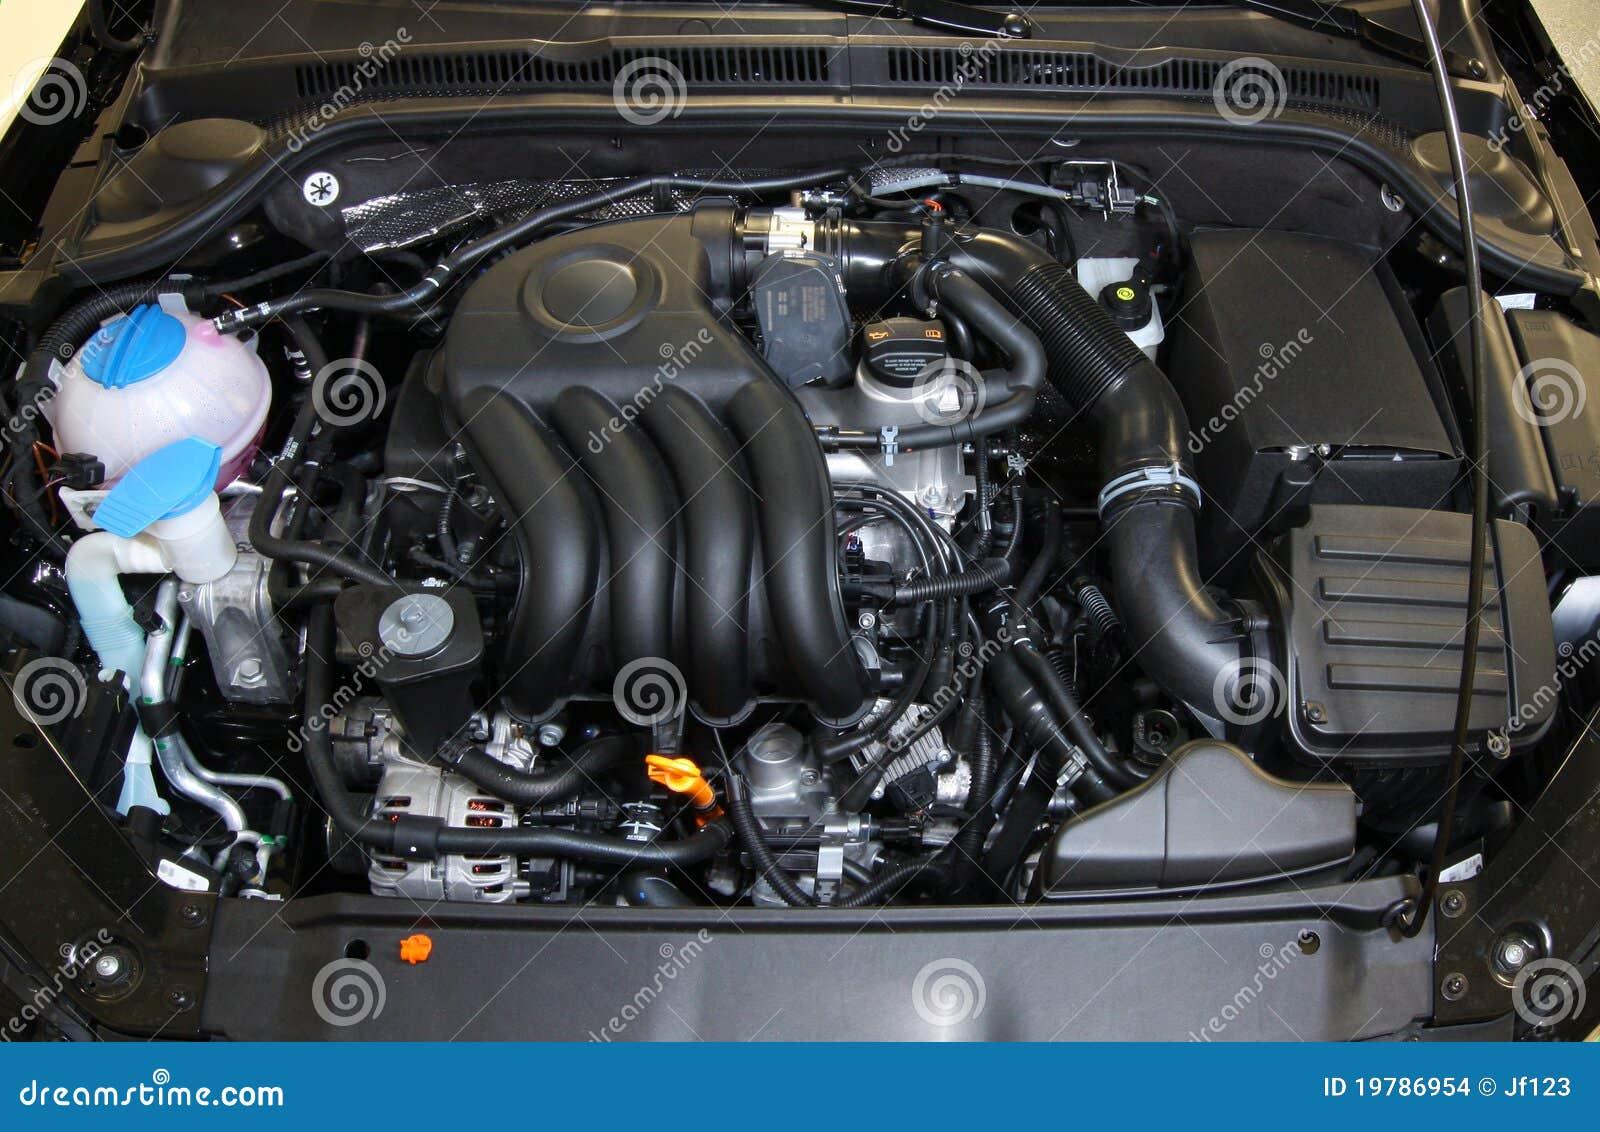 Ungewöhnlich Auto Motor Bild Bilder - Elektrische Schaltplan-Ideen ...